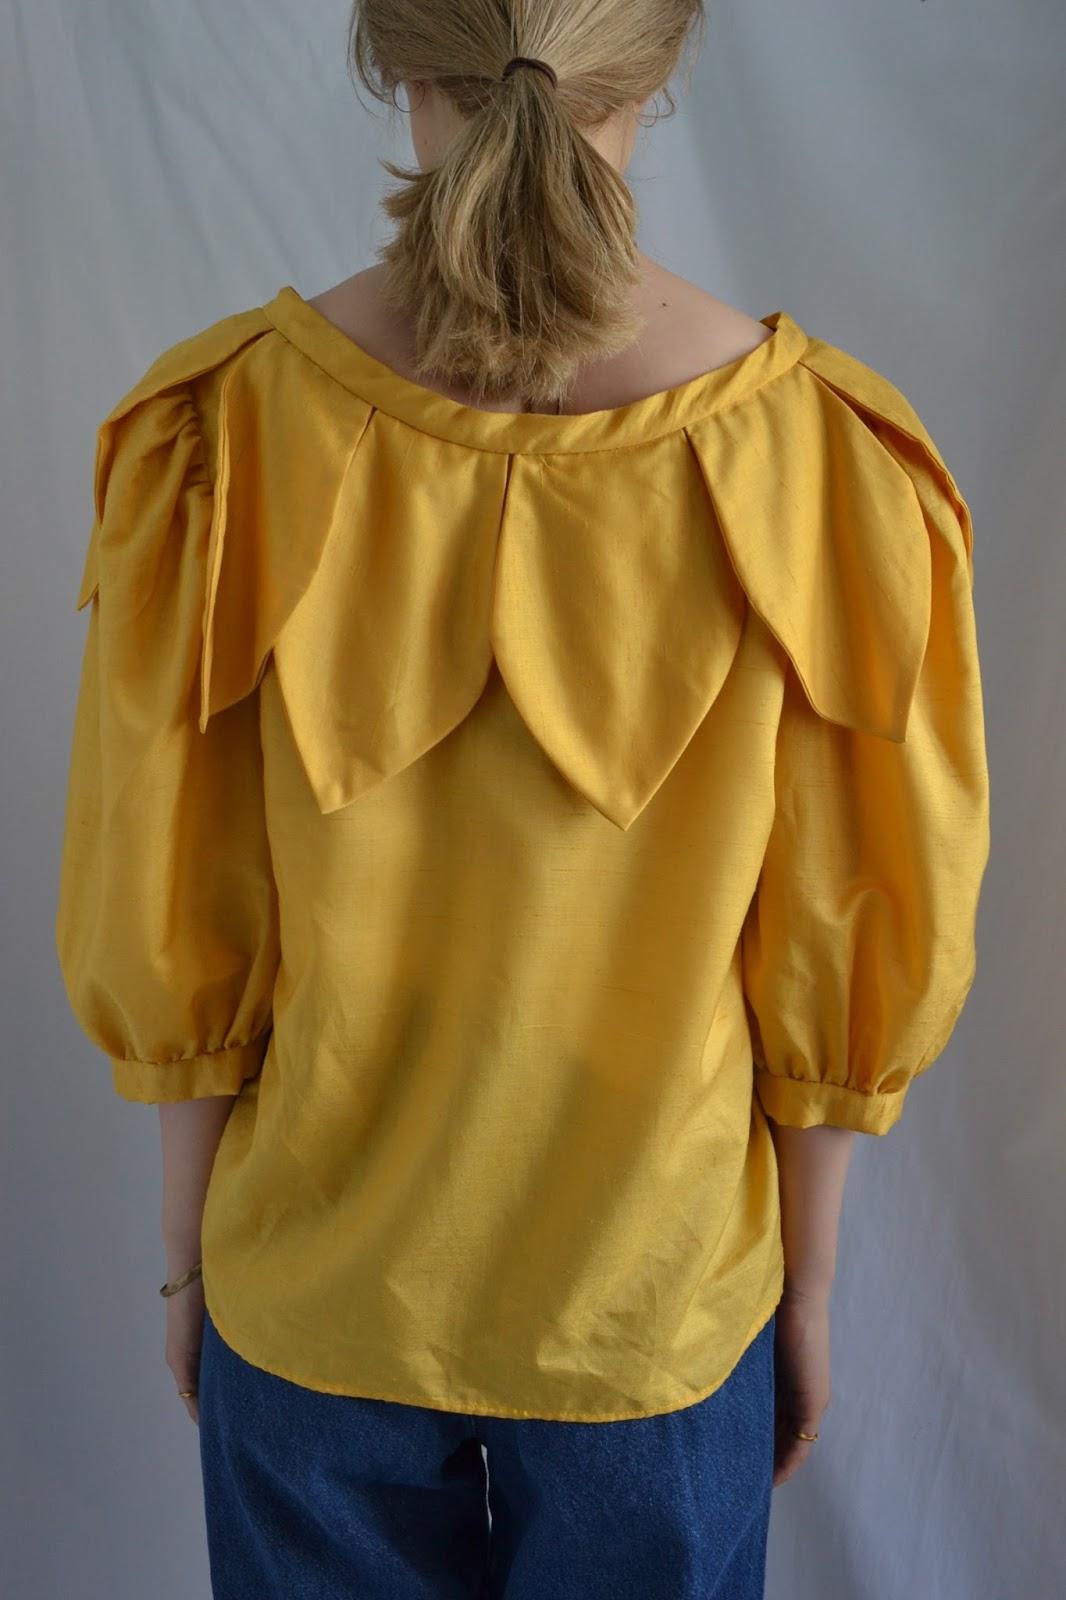 Vintage Blouse Designs 54